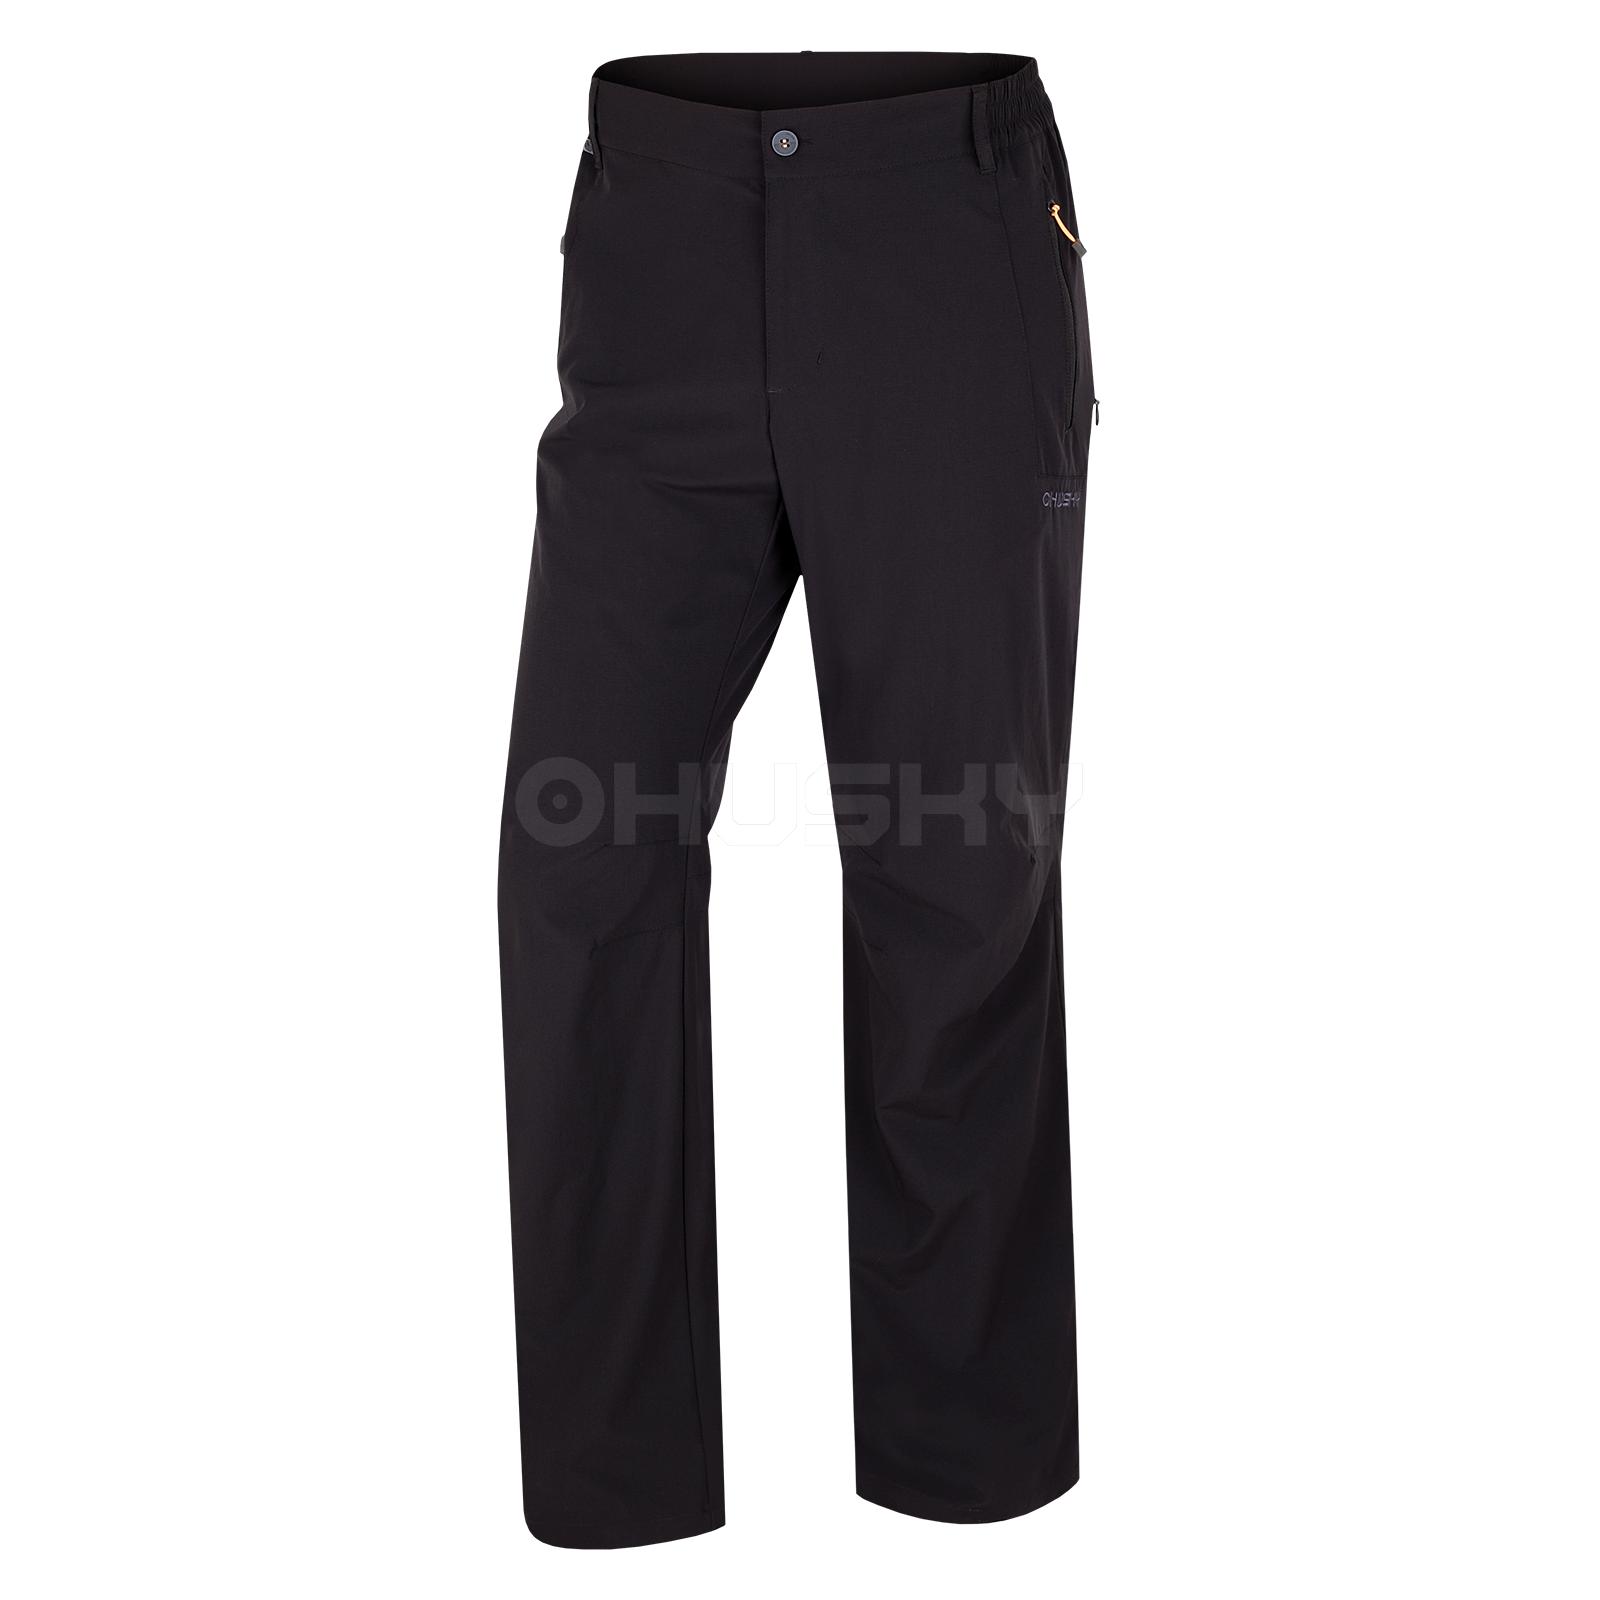 Husky Pánské outdoor kalhoty Pilon Compact M černá Velikost: XL